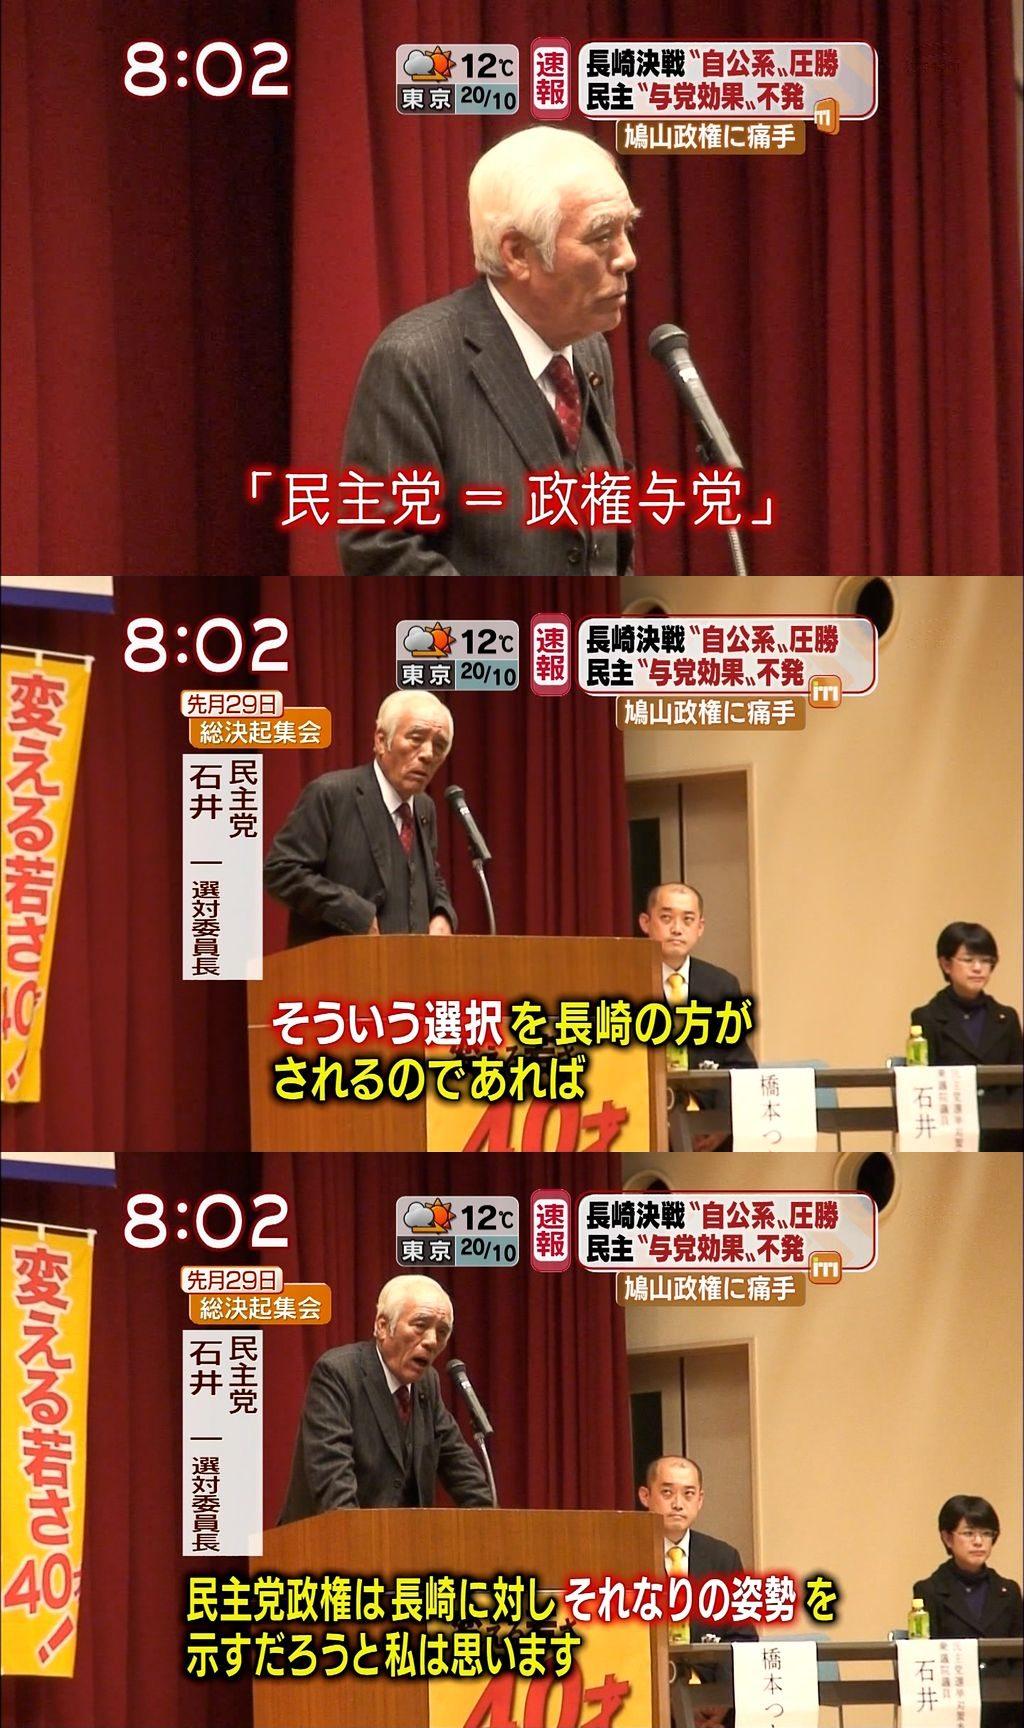 長崎県知事選挙での民主党_d0044584_21154276.jpg